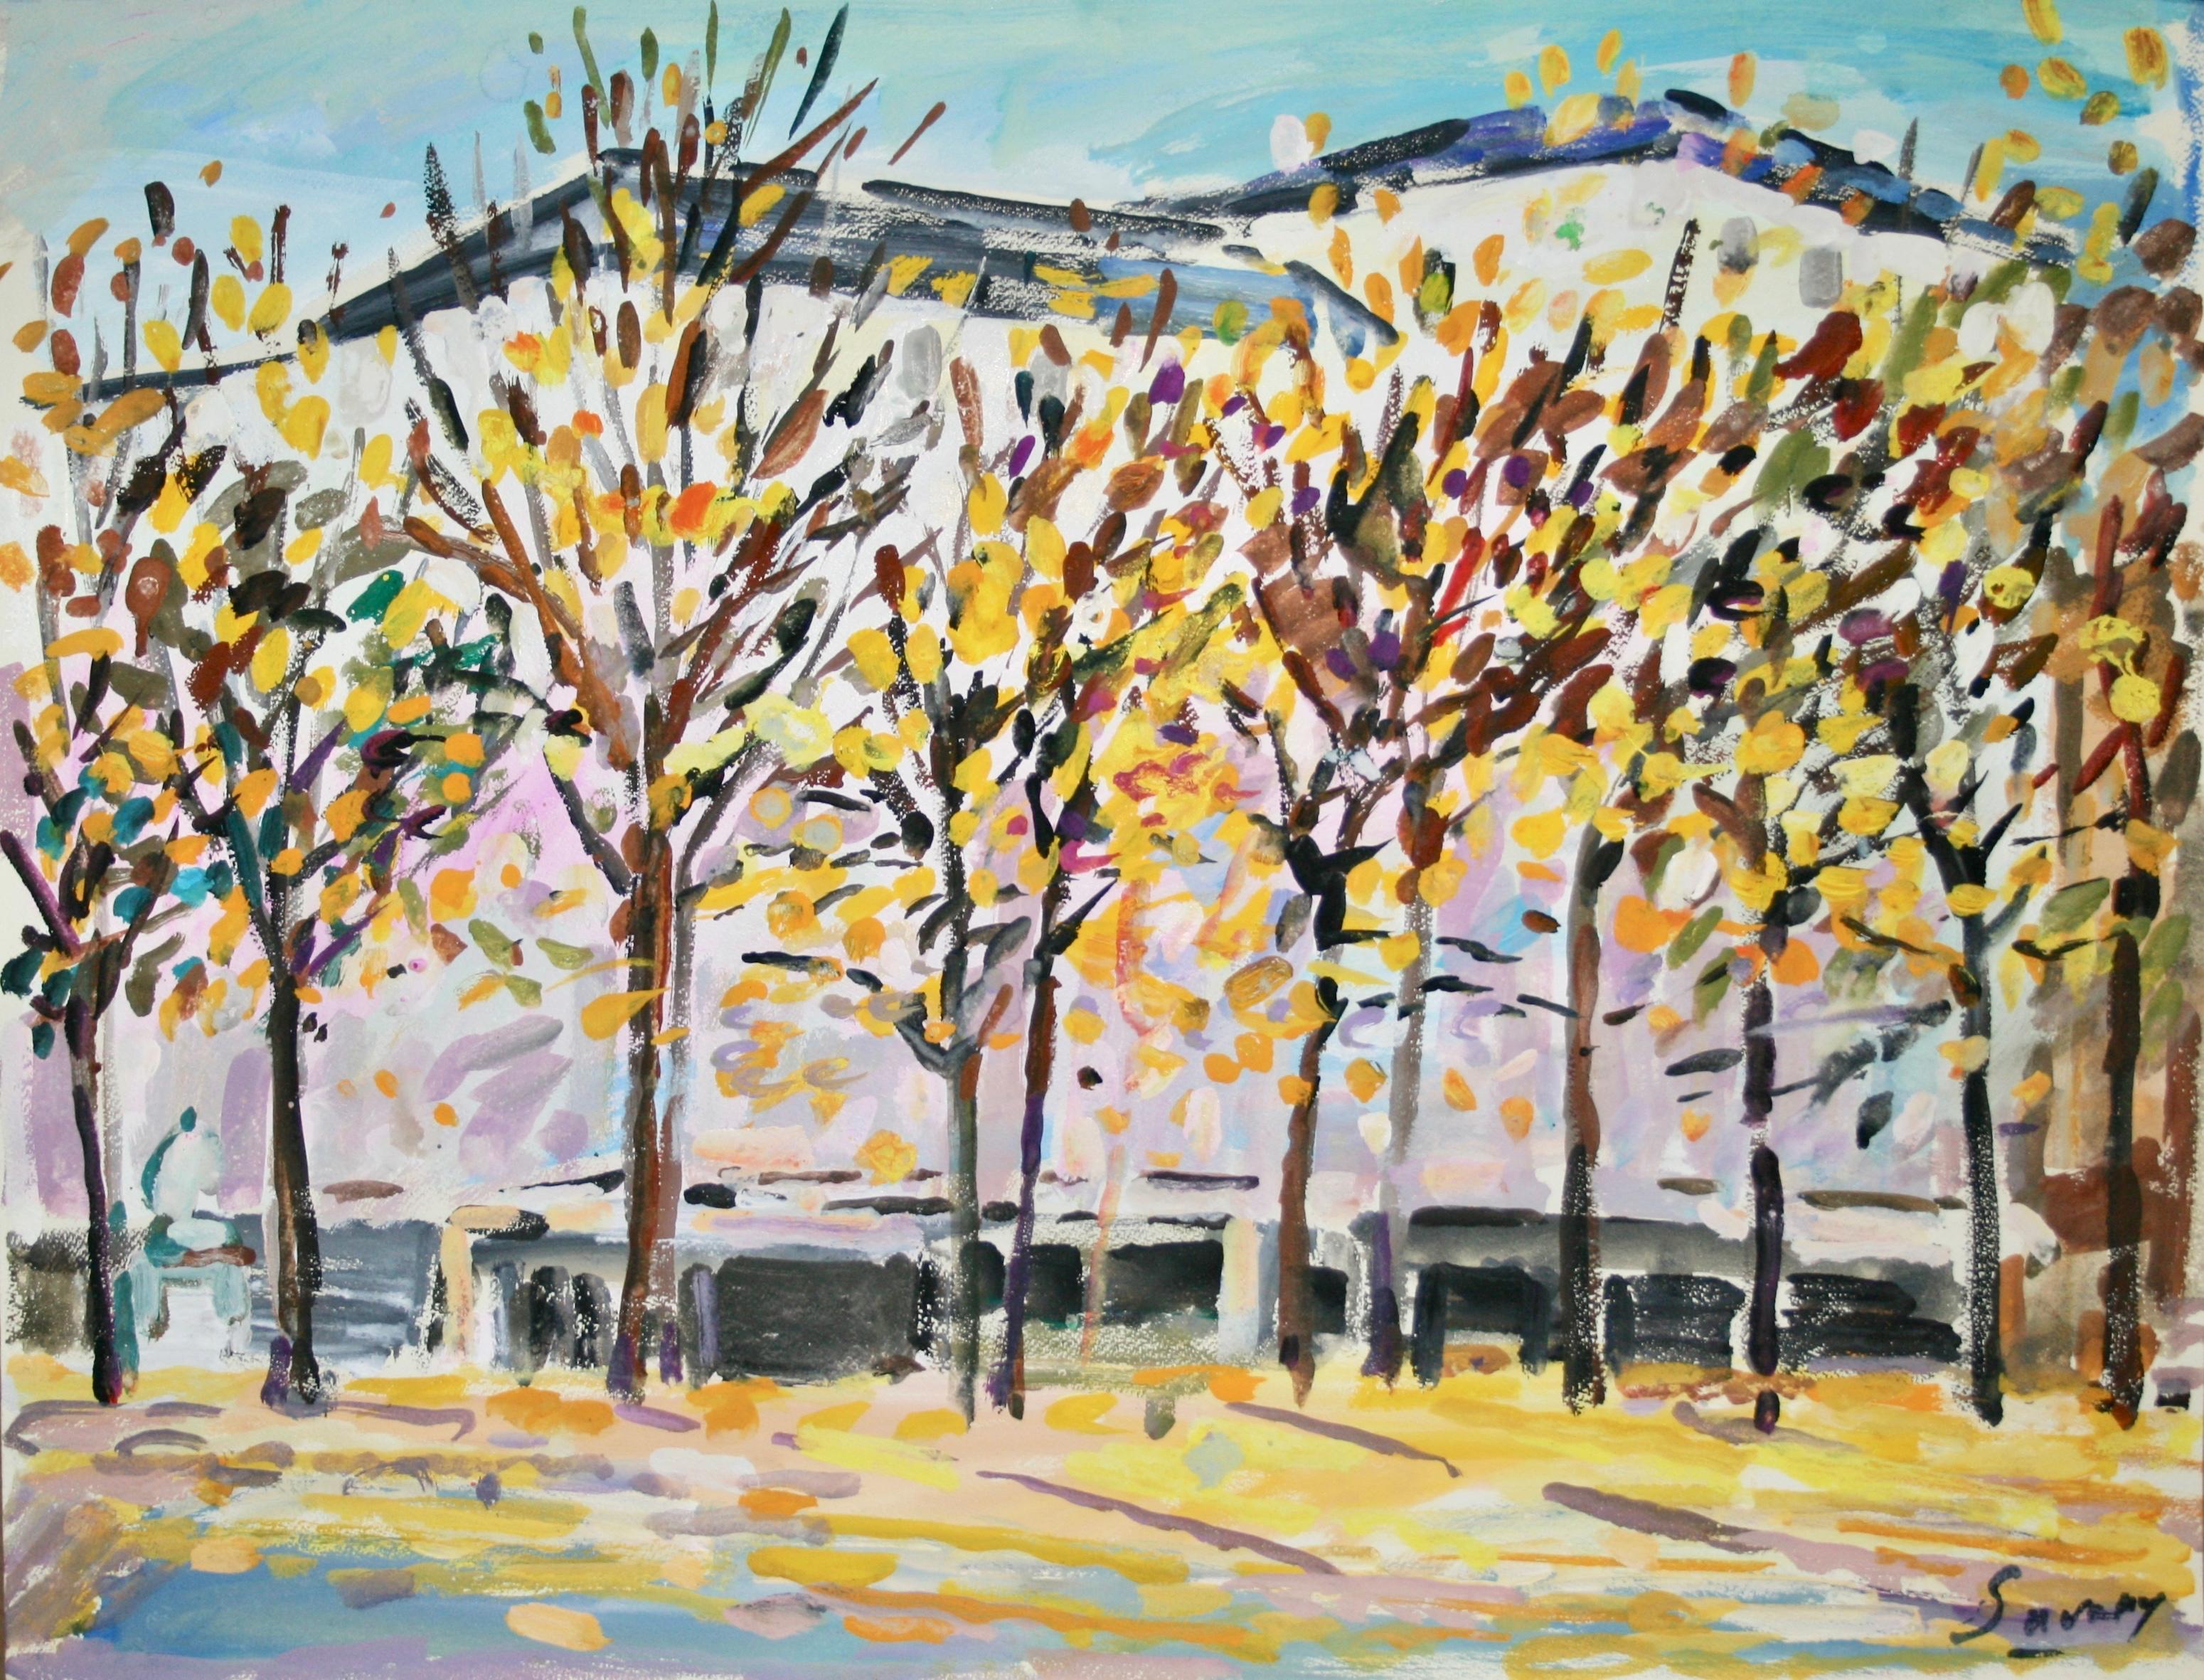 Peintres Ecole De Rouen robert savary - peinture originale - gouache - les beaux arts de rouen